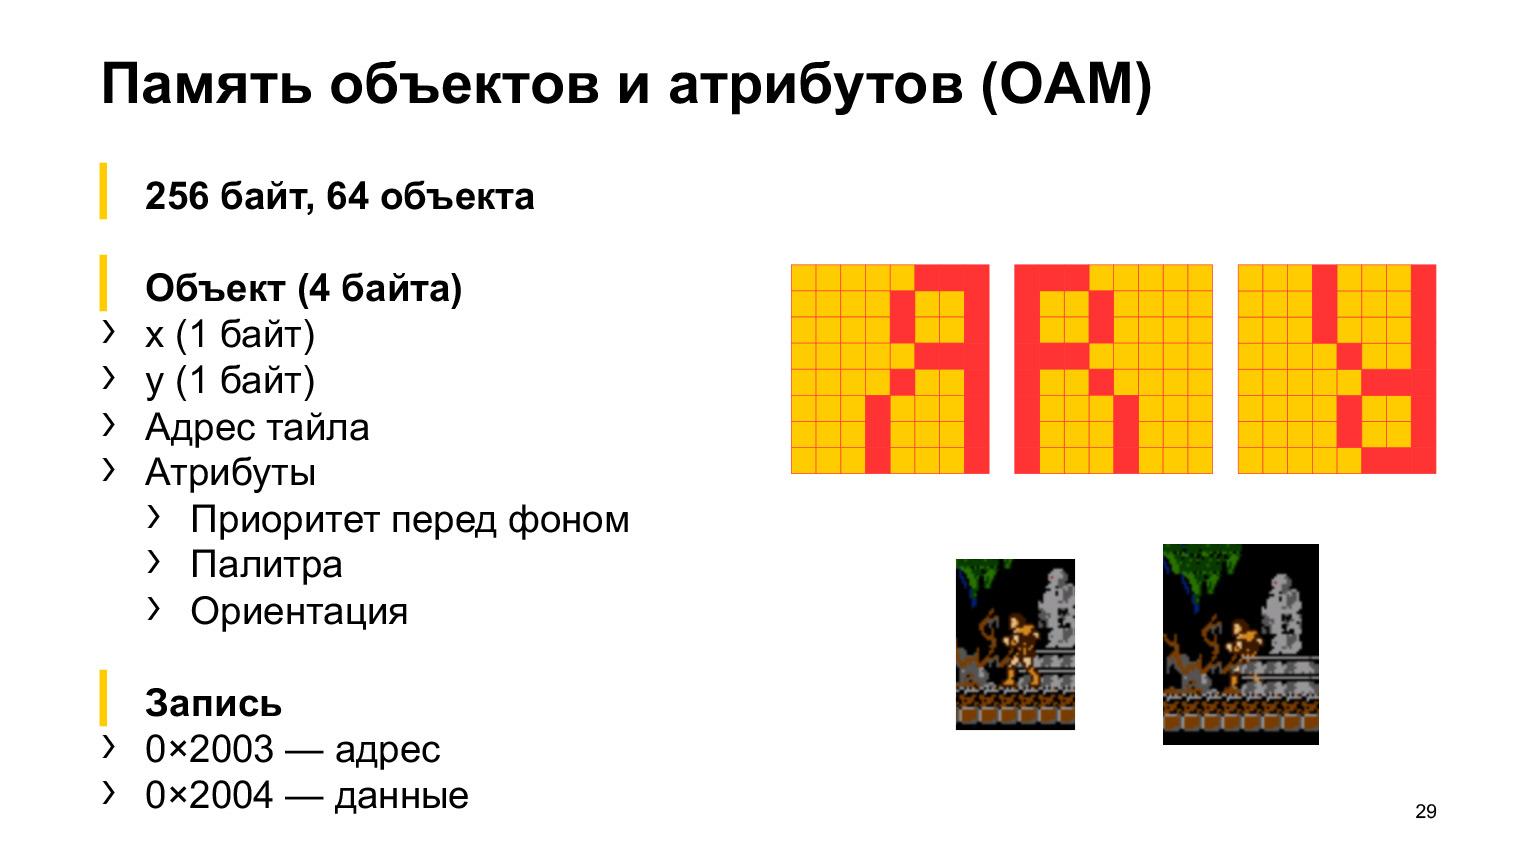 Эмуляция NES-Famicom-Денди на веб-технологиях. Доклад Яндекса - 22